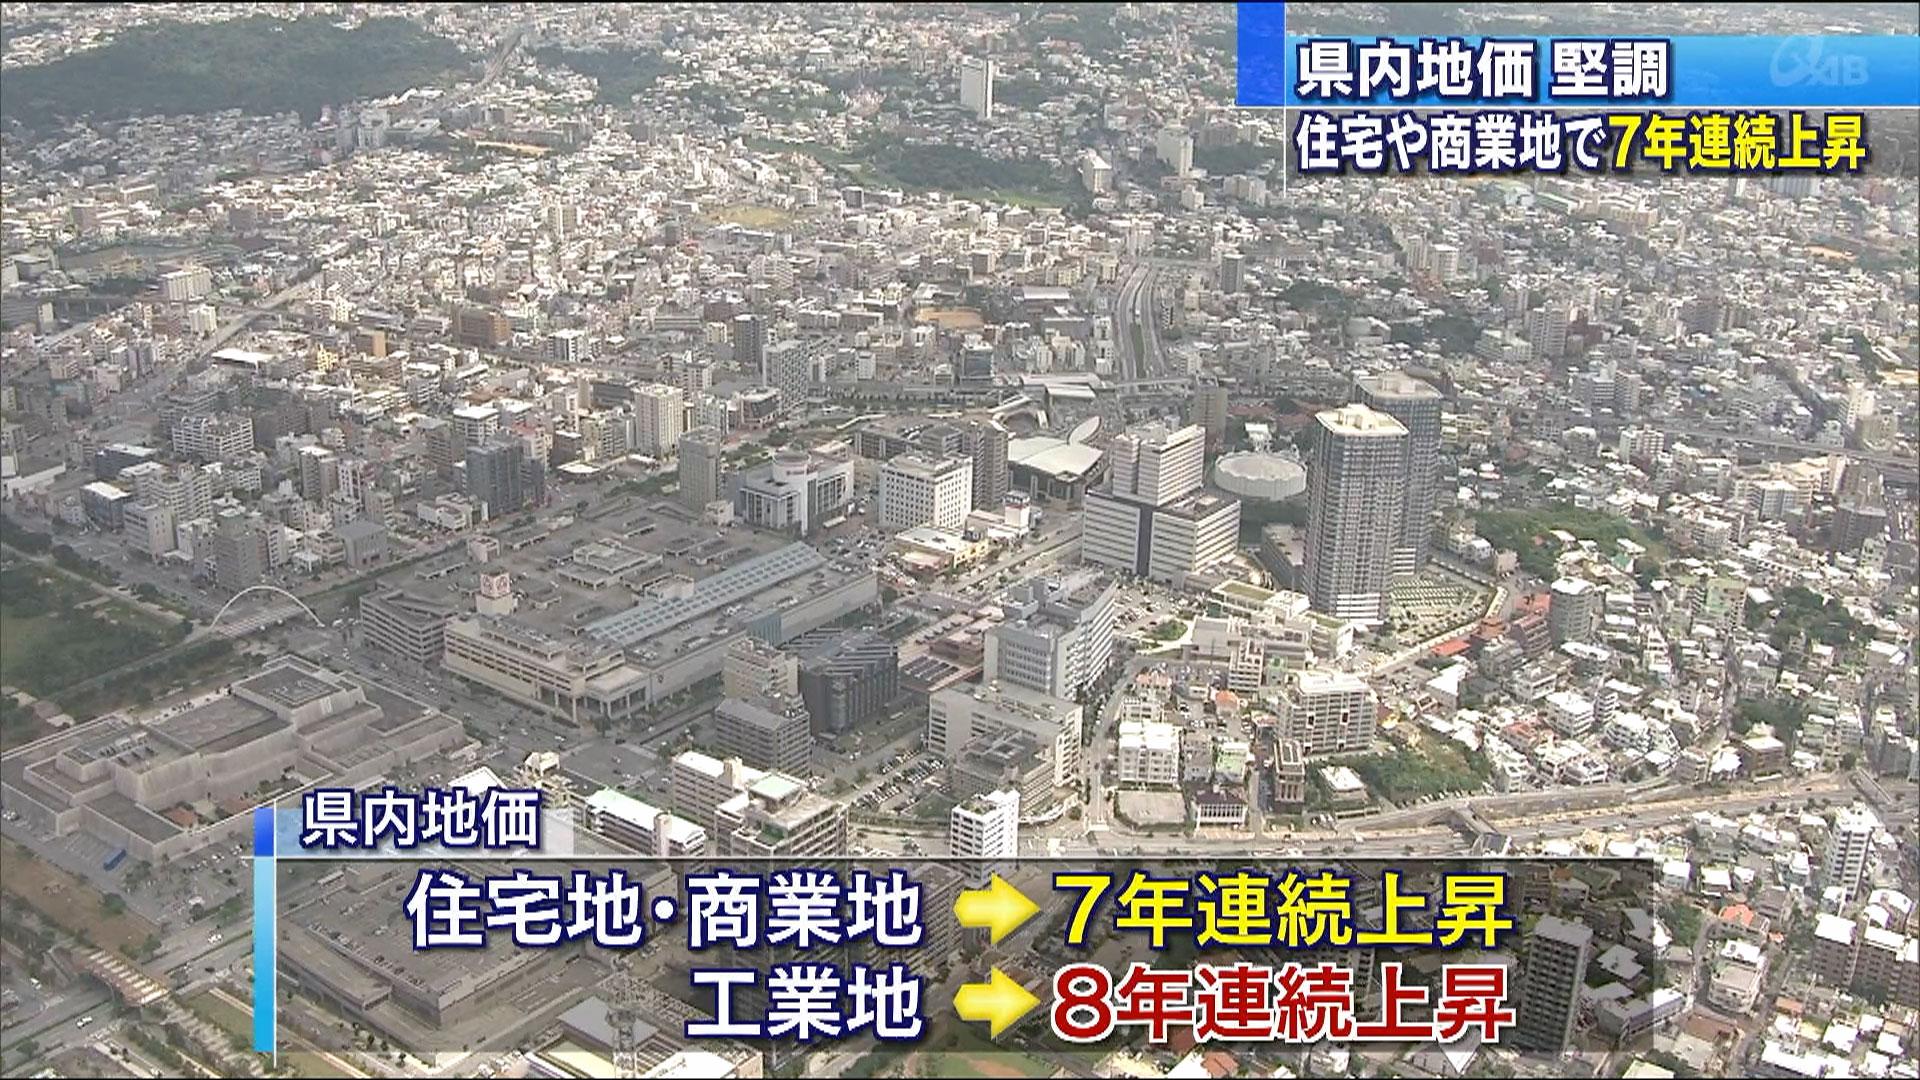 県内地価 住宅地や商業地で7年連続上昇